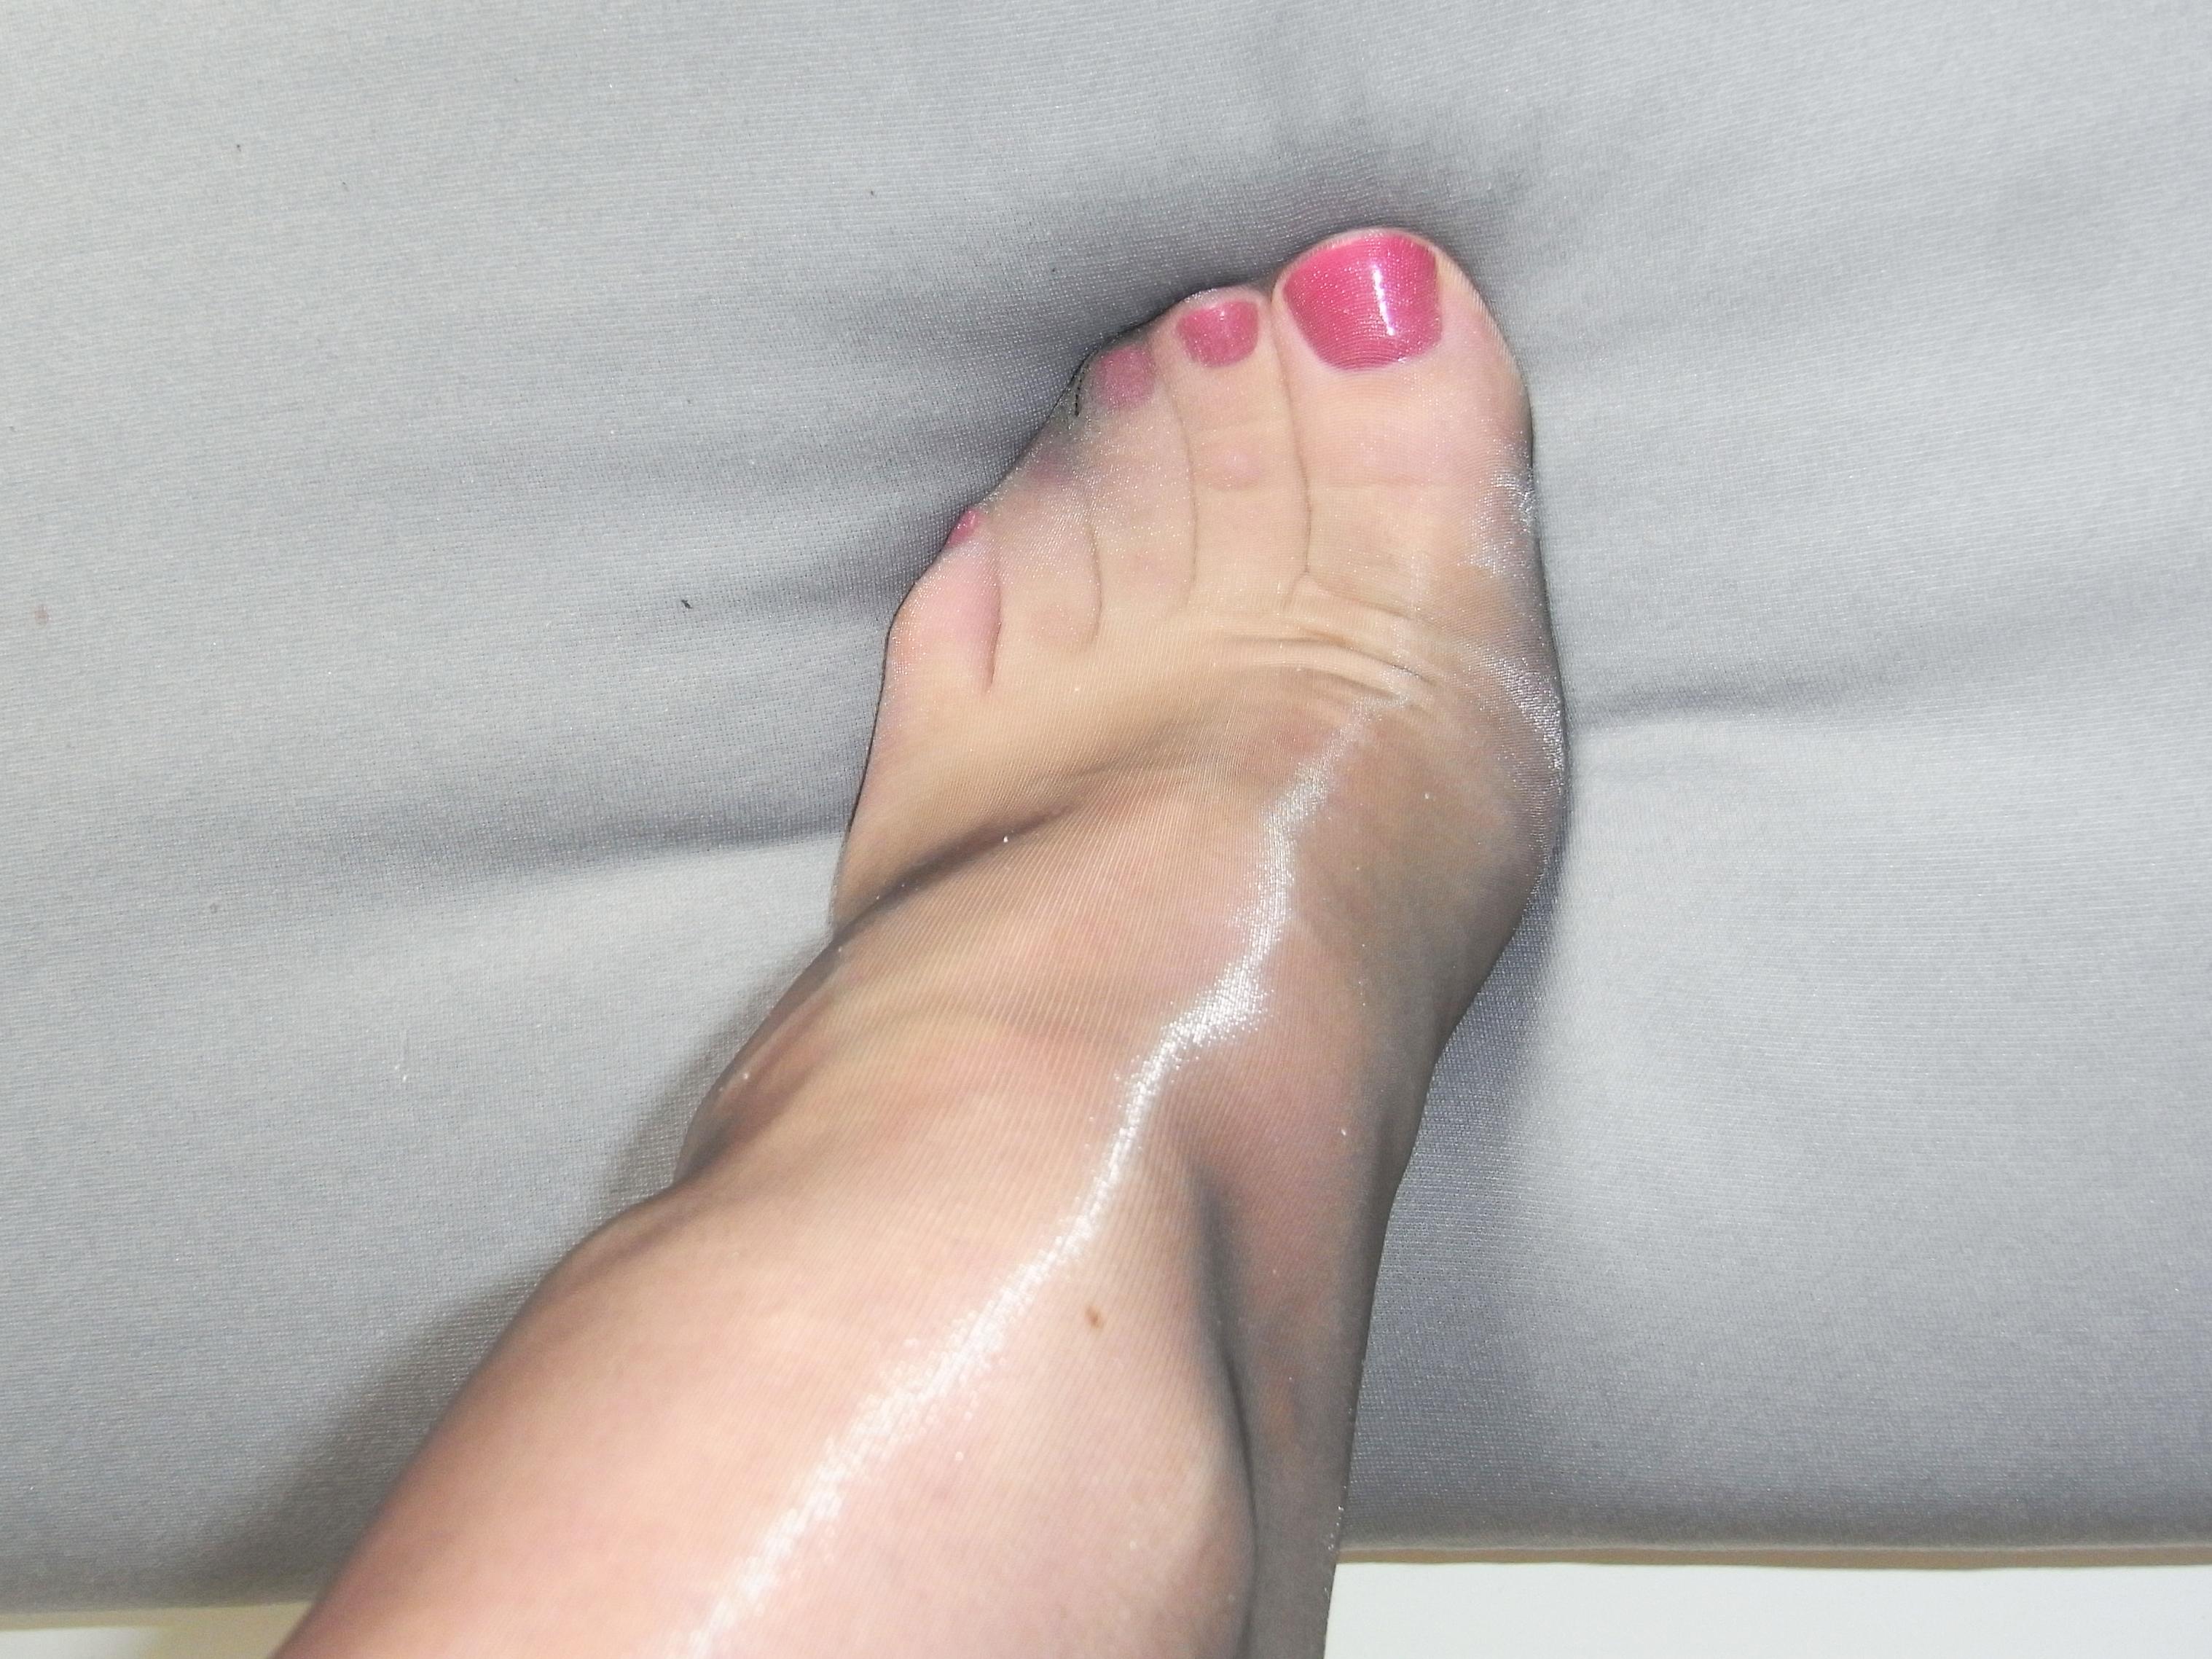 Пальцы женские на ногах в колготках фото, фото в белом кружевном белье